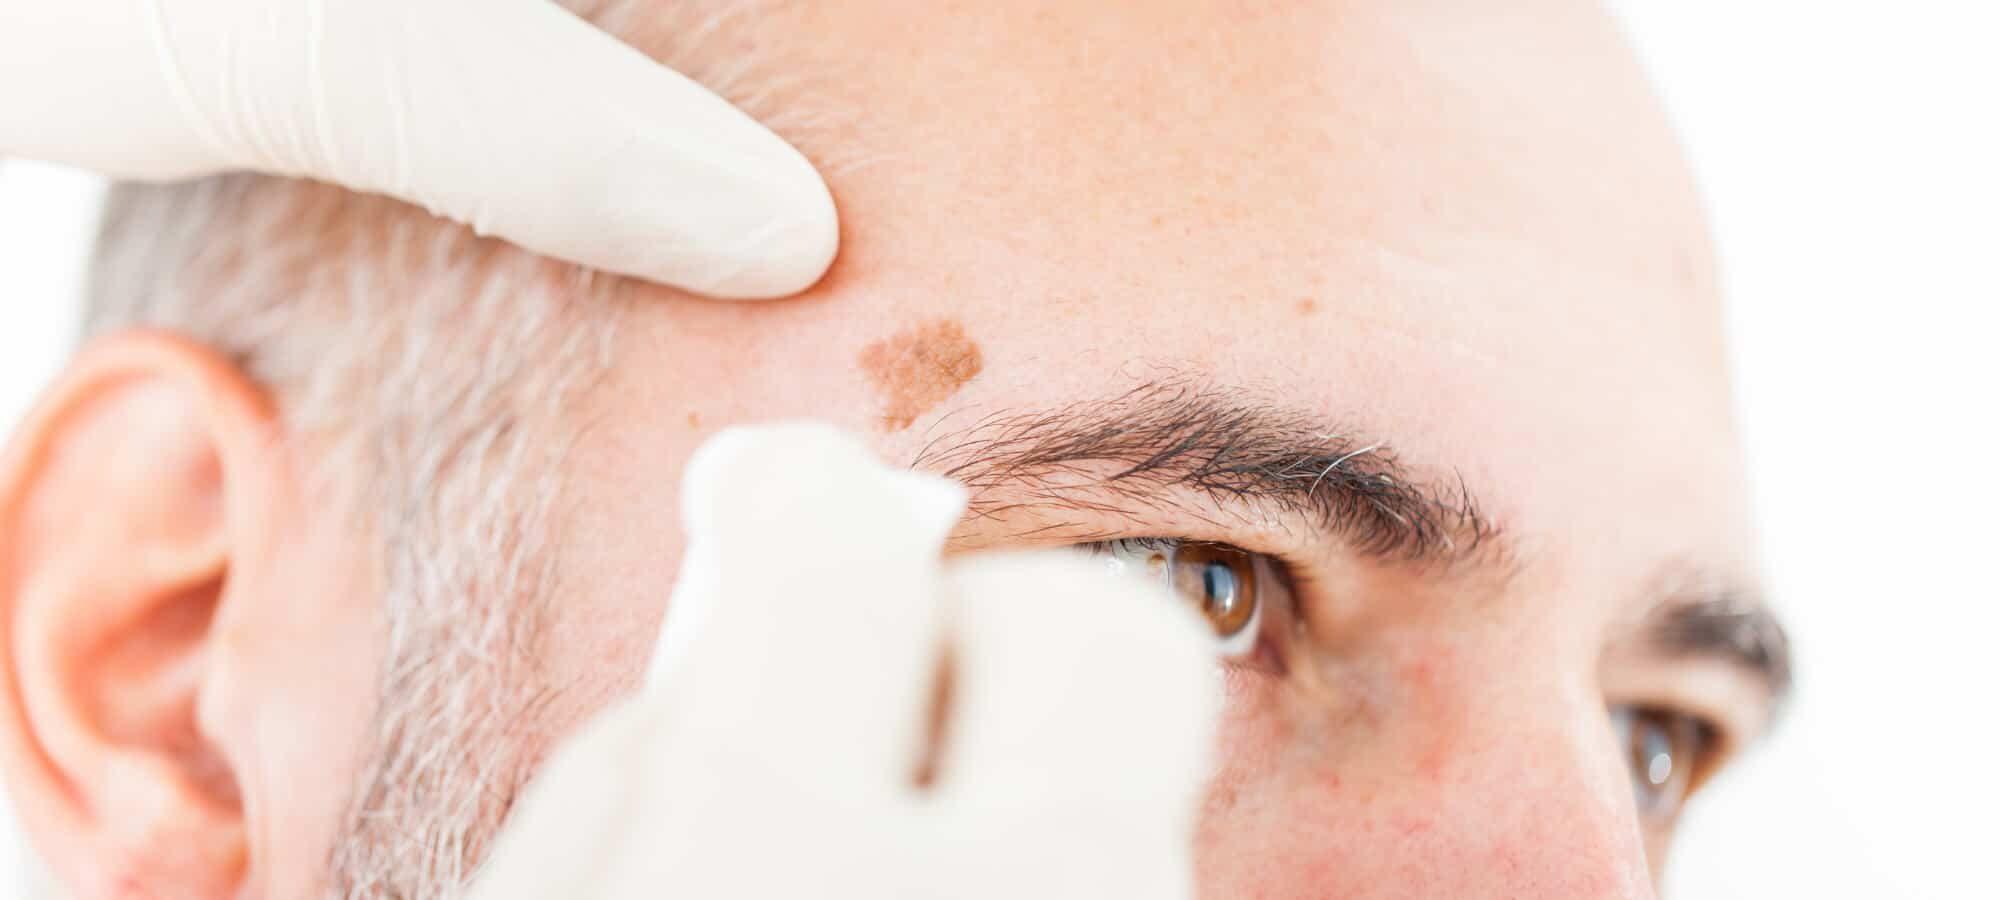 Hautkrebs im Gesicht entfernen   groisman & laube